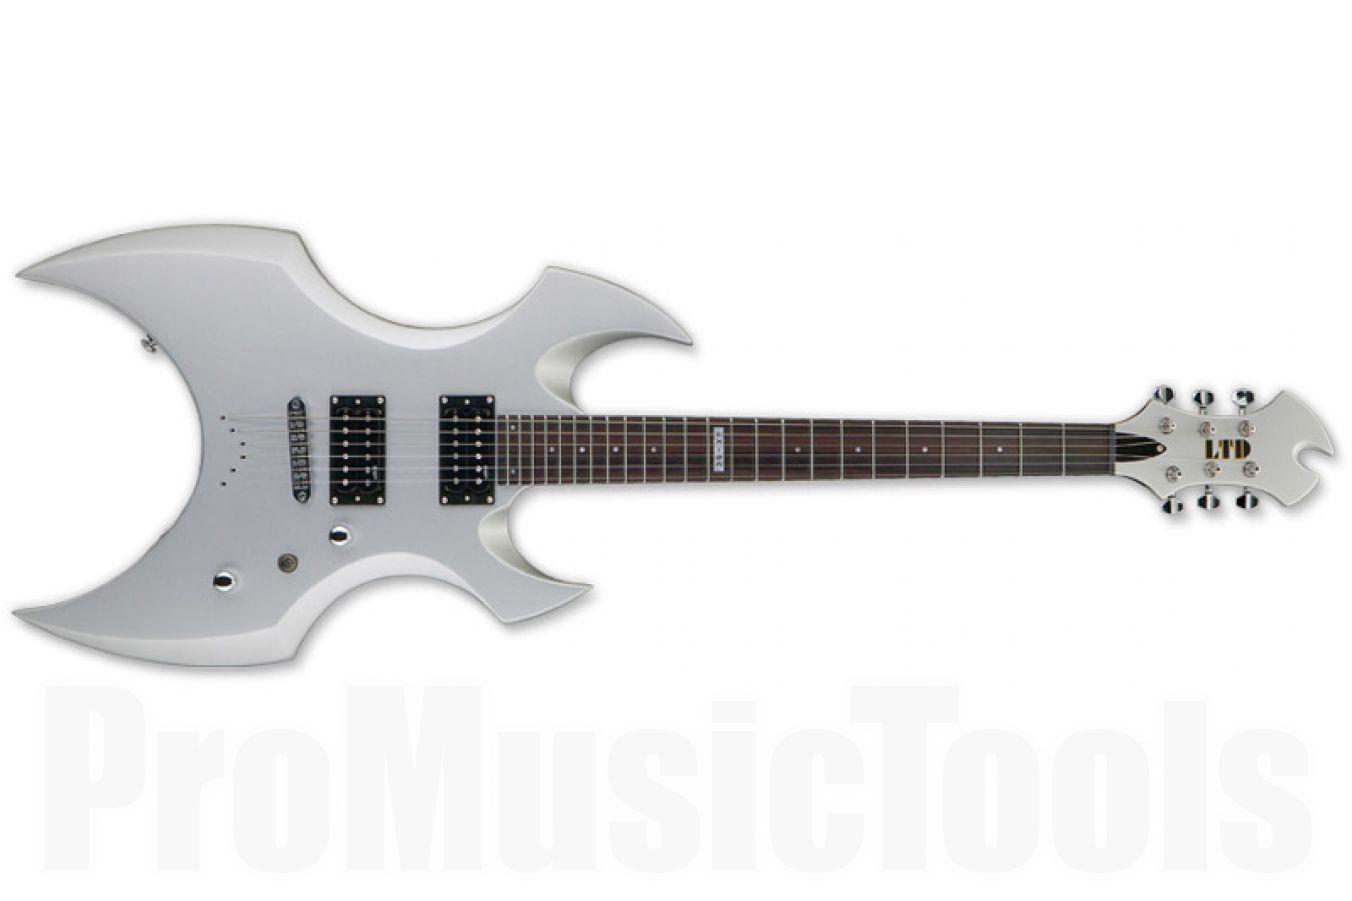 ESP Ltd AX-50 SS - Silver Satin